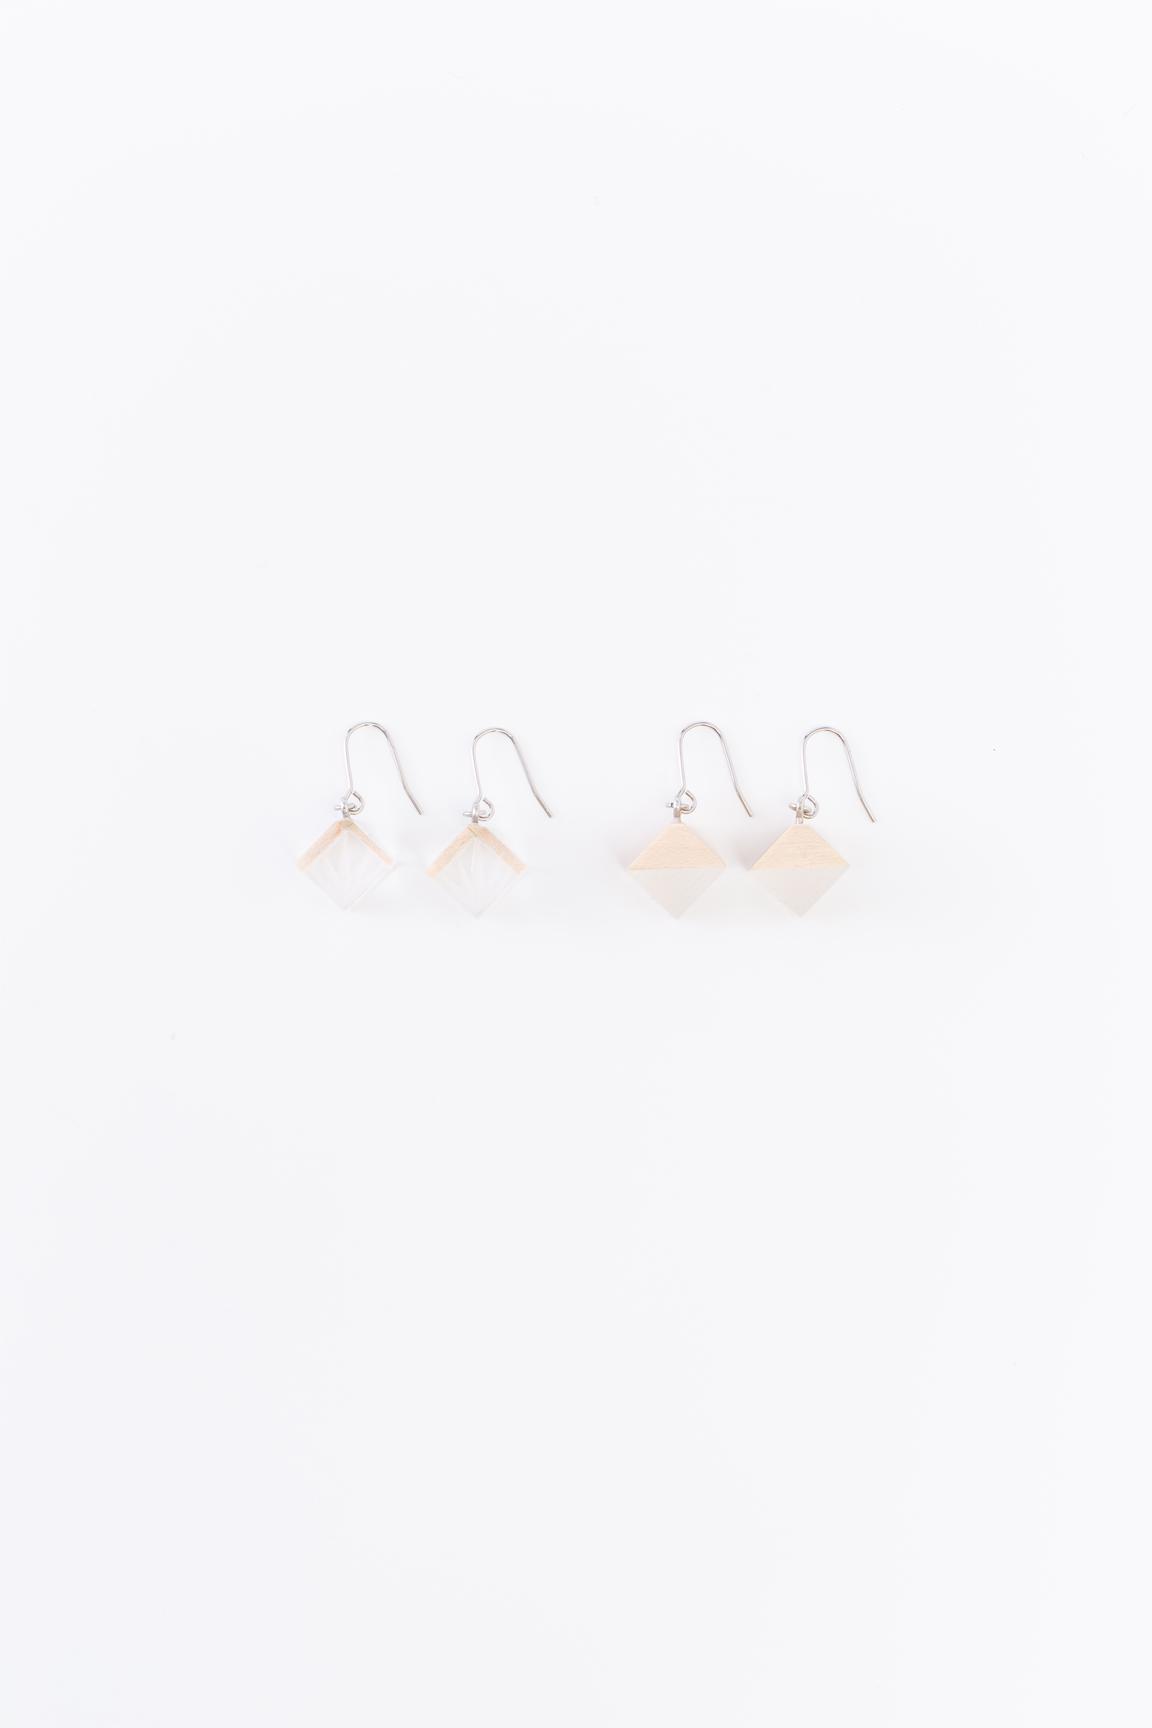 KITOKIRIKO Earrings(Nanako&bamboo leaves)